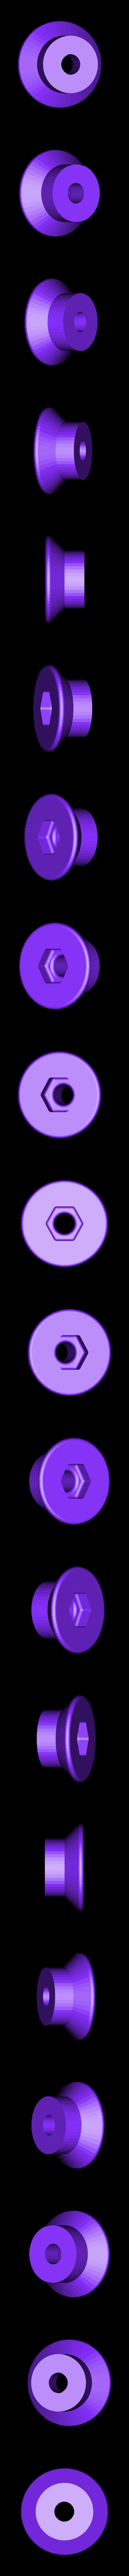 Side_Panel_Retainer.stl Télécharger fichier STL gratuit Matériel de montage de boîtier pour réplicateur 2 • Objet pour impression 3D, Gaenarra